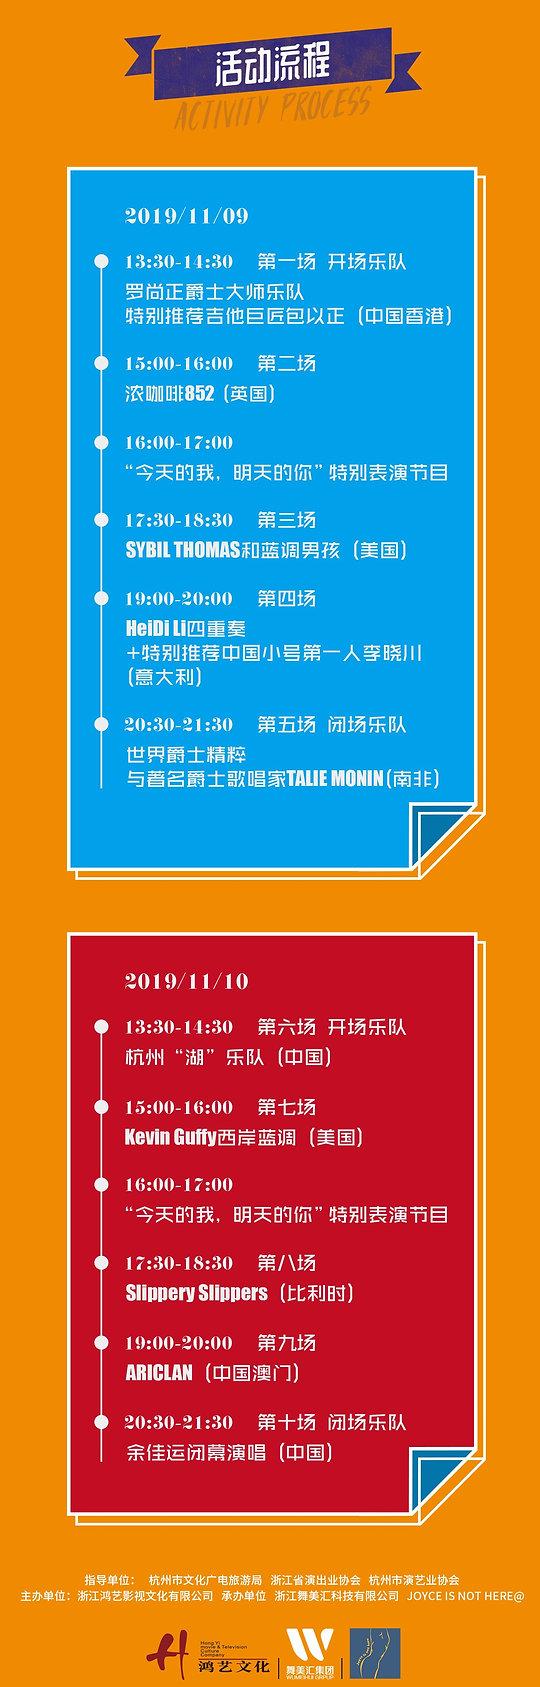 WeChat Image_20191013120713 - Copy (2).j